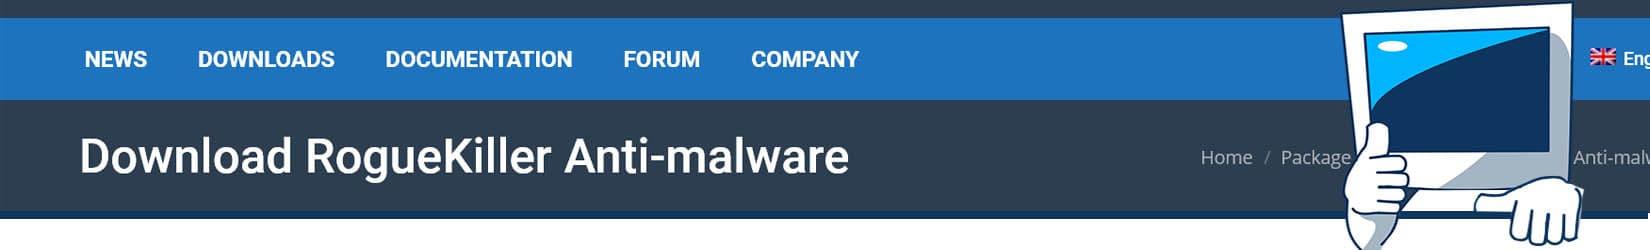 Mejores antispyware y antimalware 2020: el mejor software del año 1